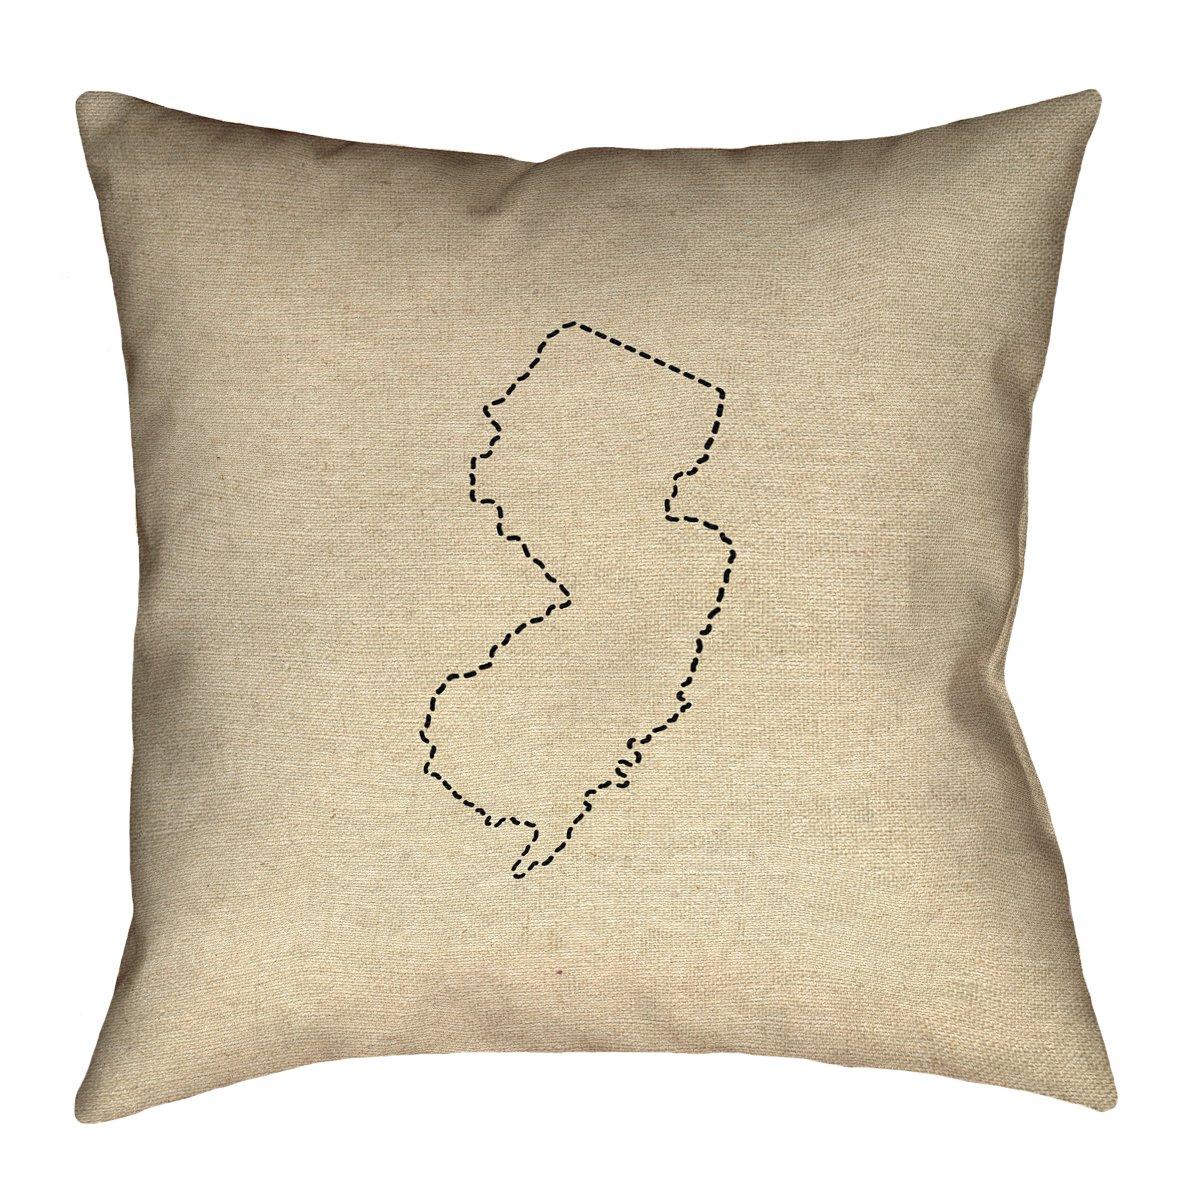 ArtVerse Katelyn Smith 20 x 20 Spun Polyester New Jersey Outline Pillow